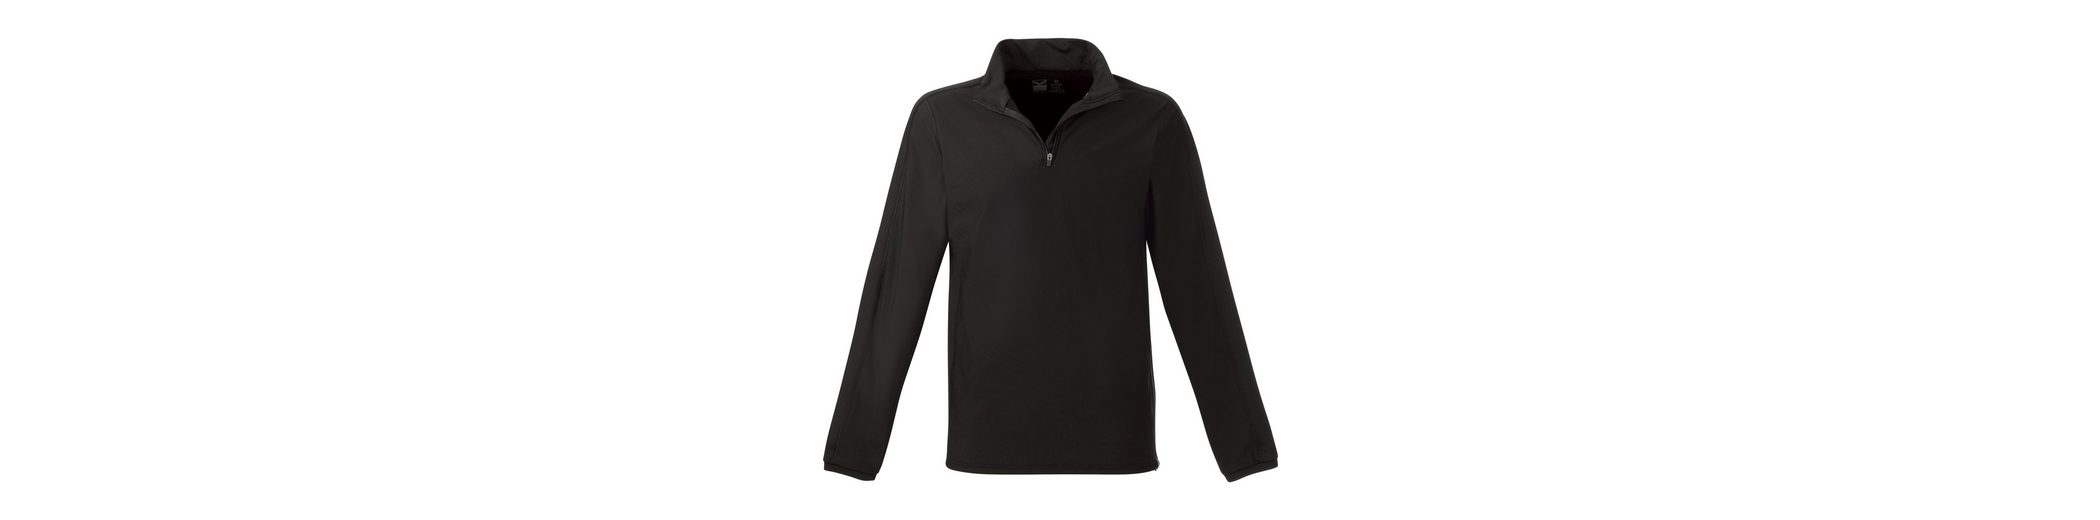 TRIGEMA Langarm Sportshirt Rabatt-Codes Spielraum Store Marktfähig dC5cYJoFa0